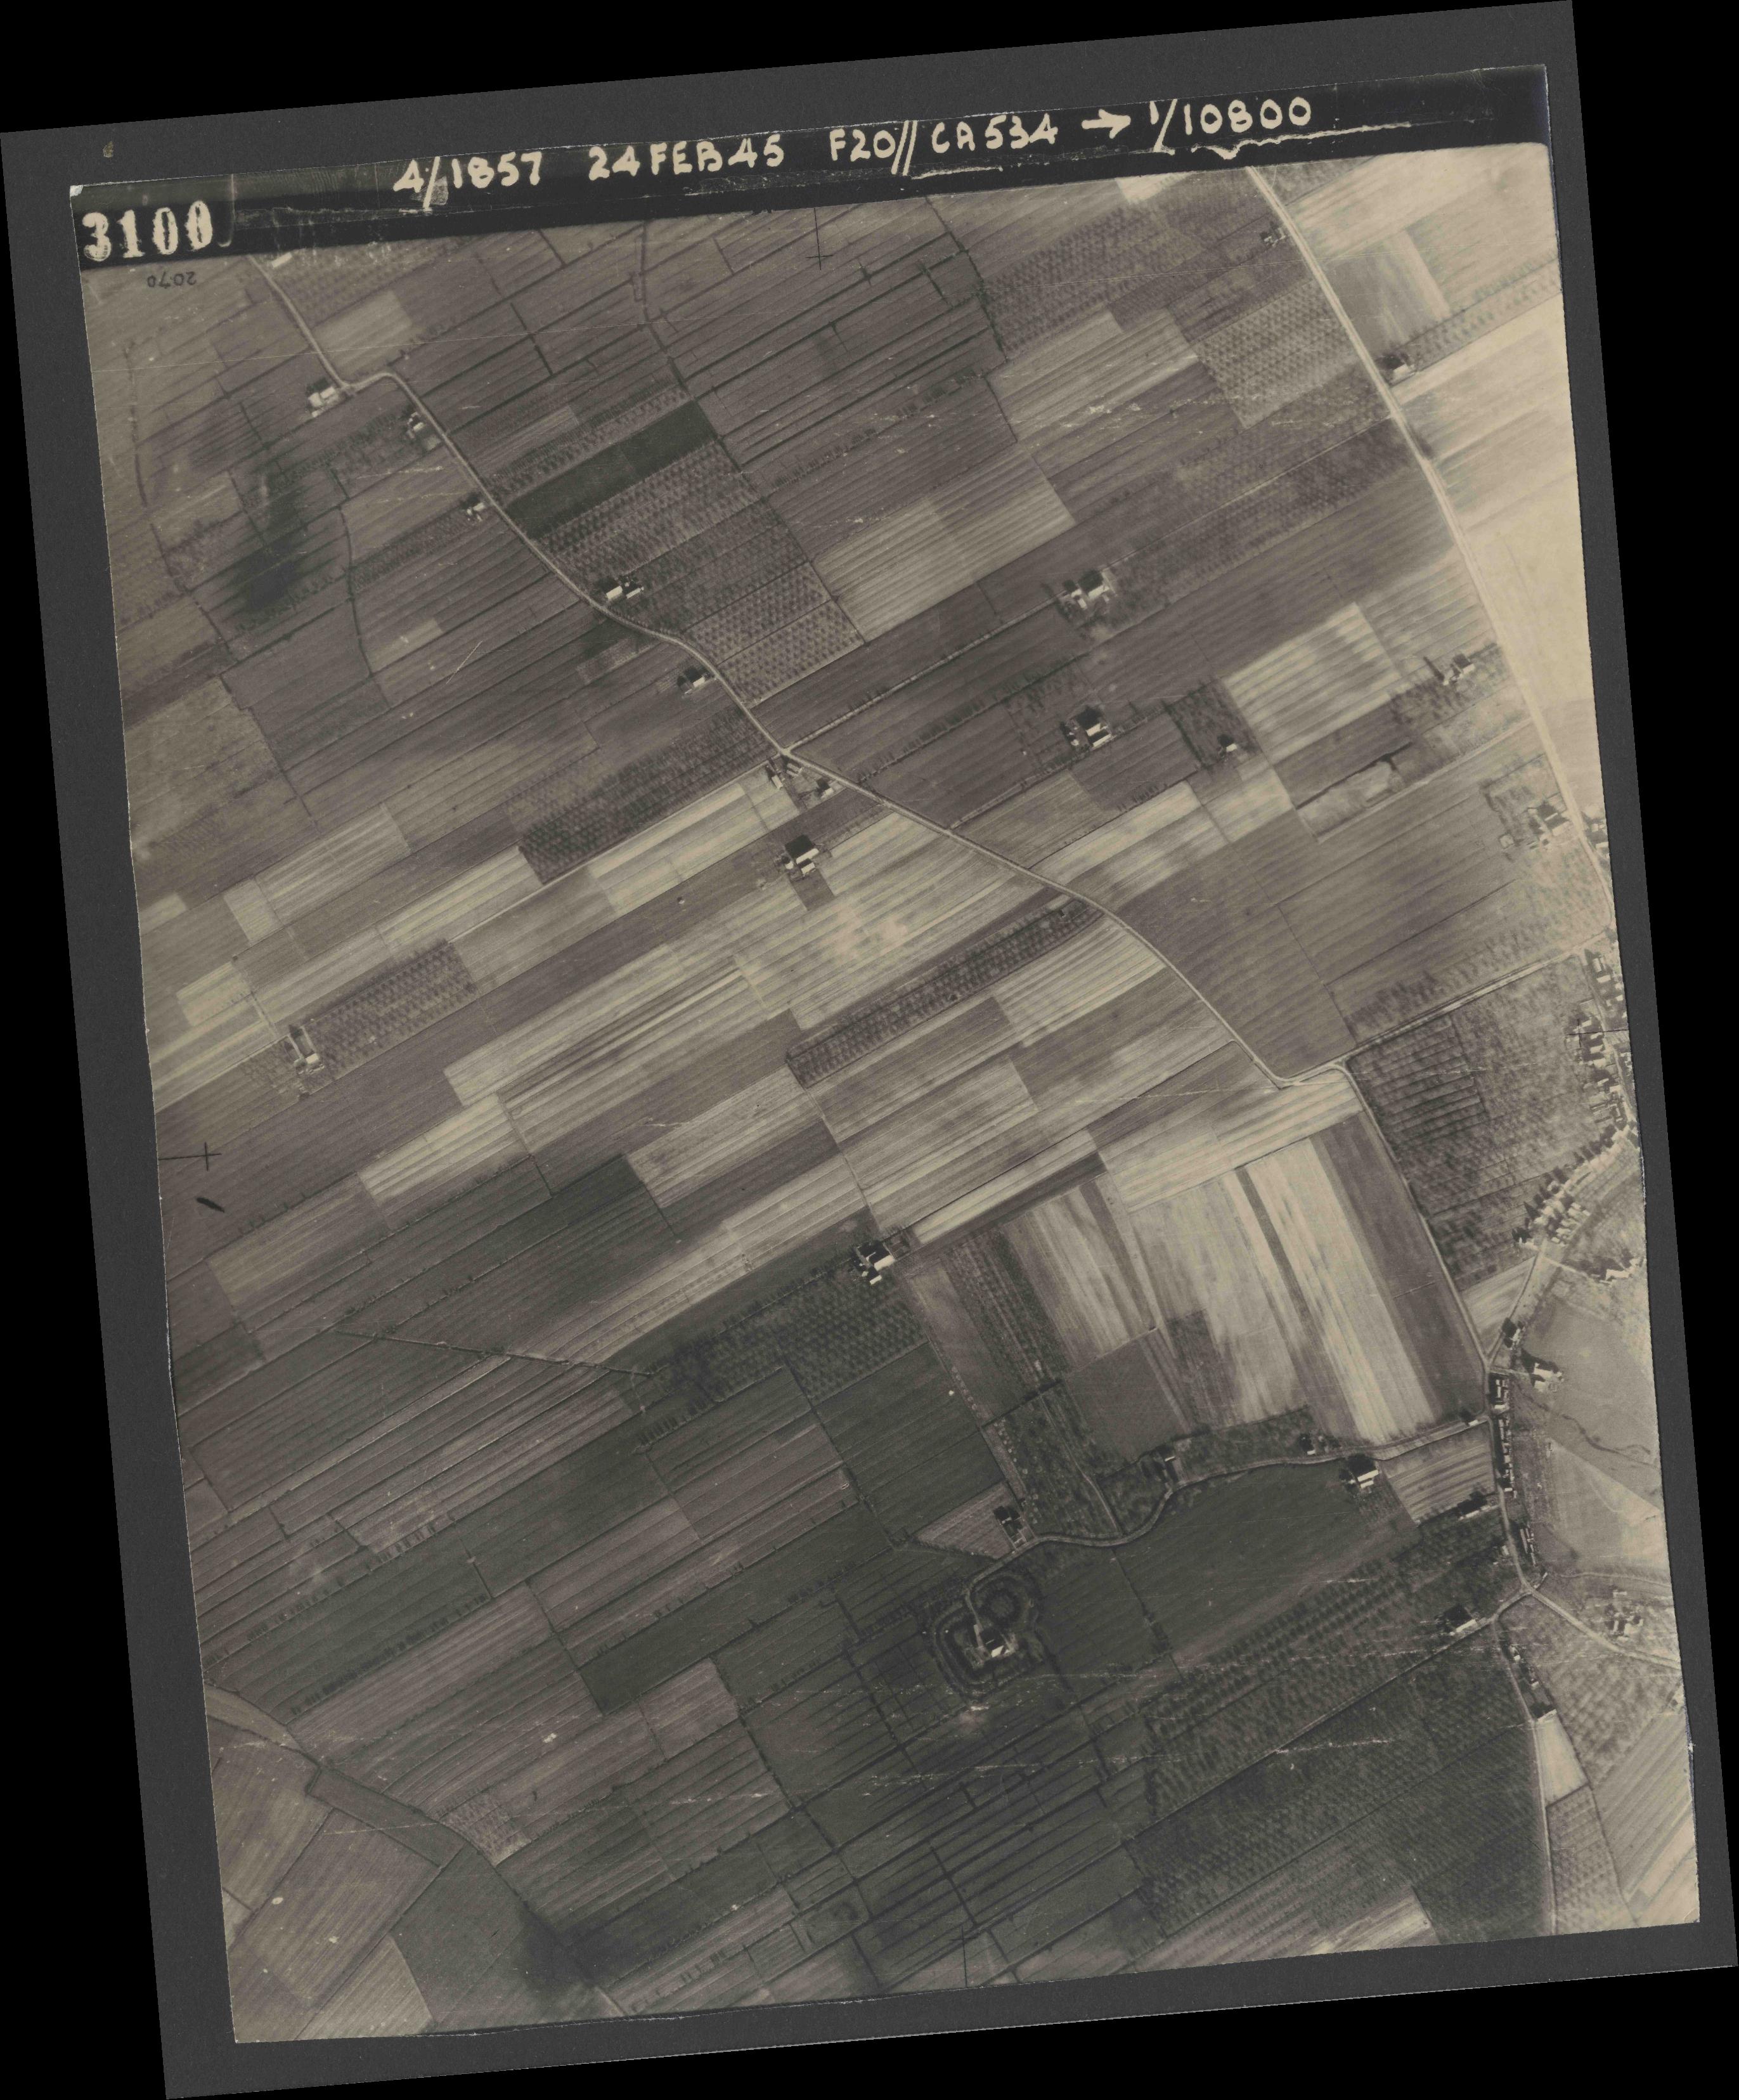 Collection RAF aerial photos 1940-1945 - flight 073, run 02, photo 3100